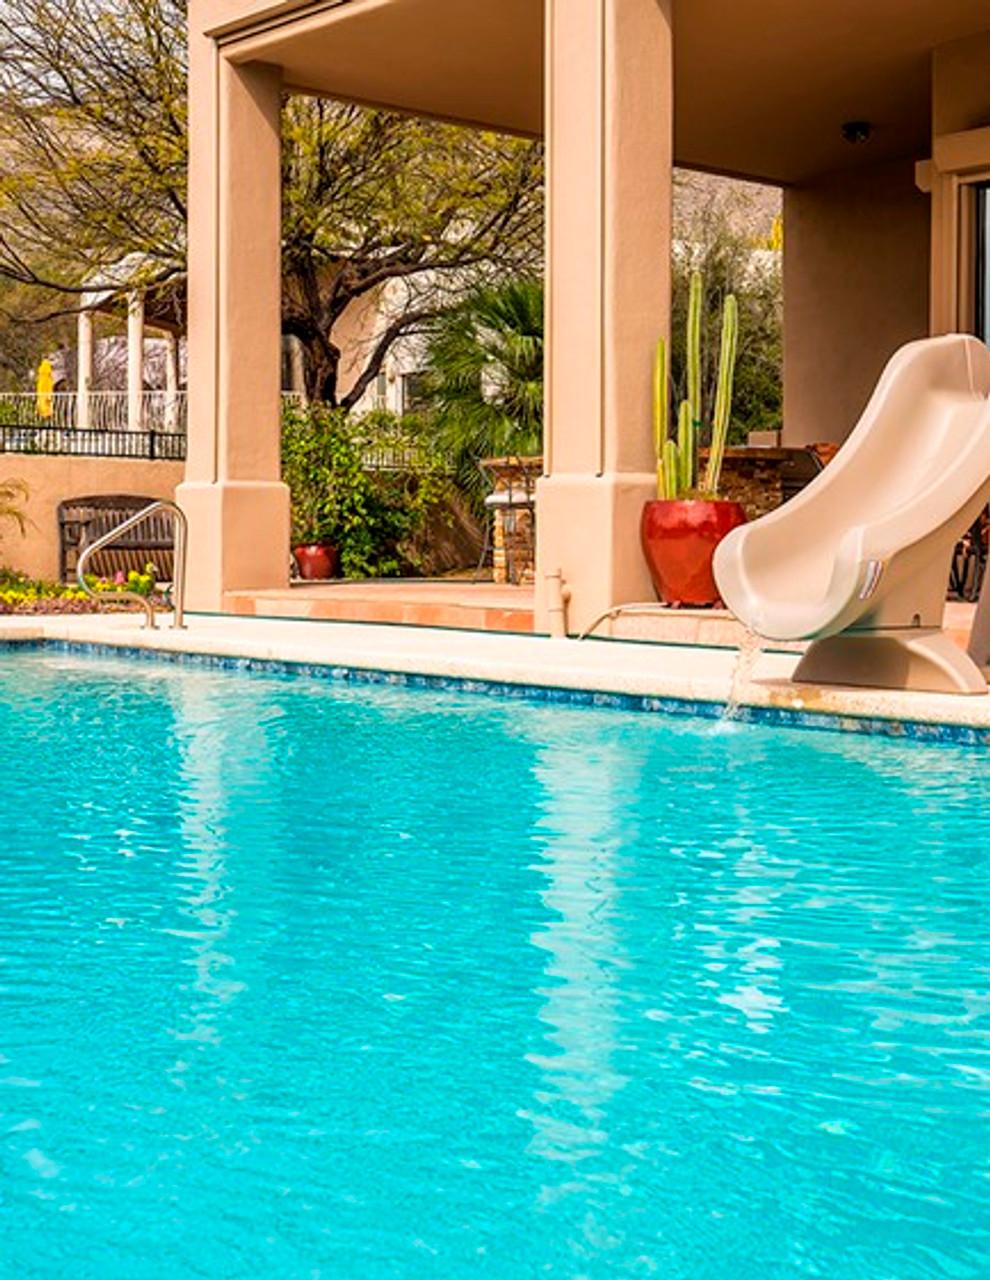 SR Smith SlideAway Portable Residential Swimming Pool Slide